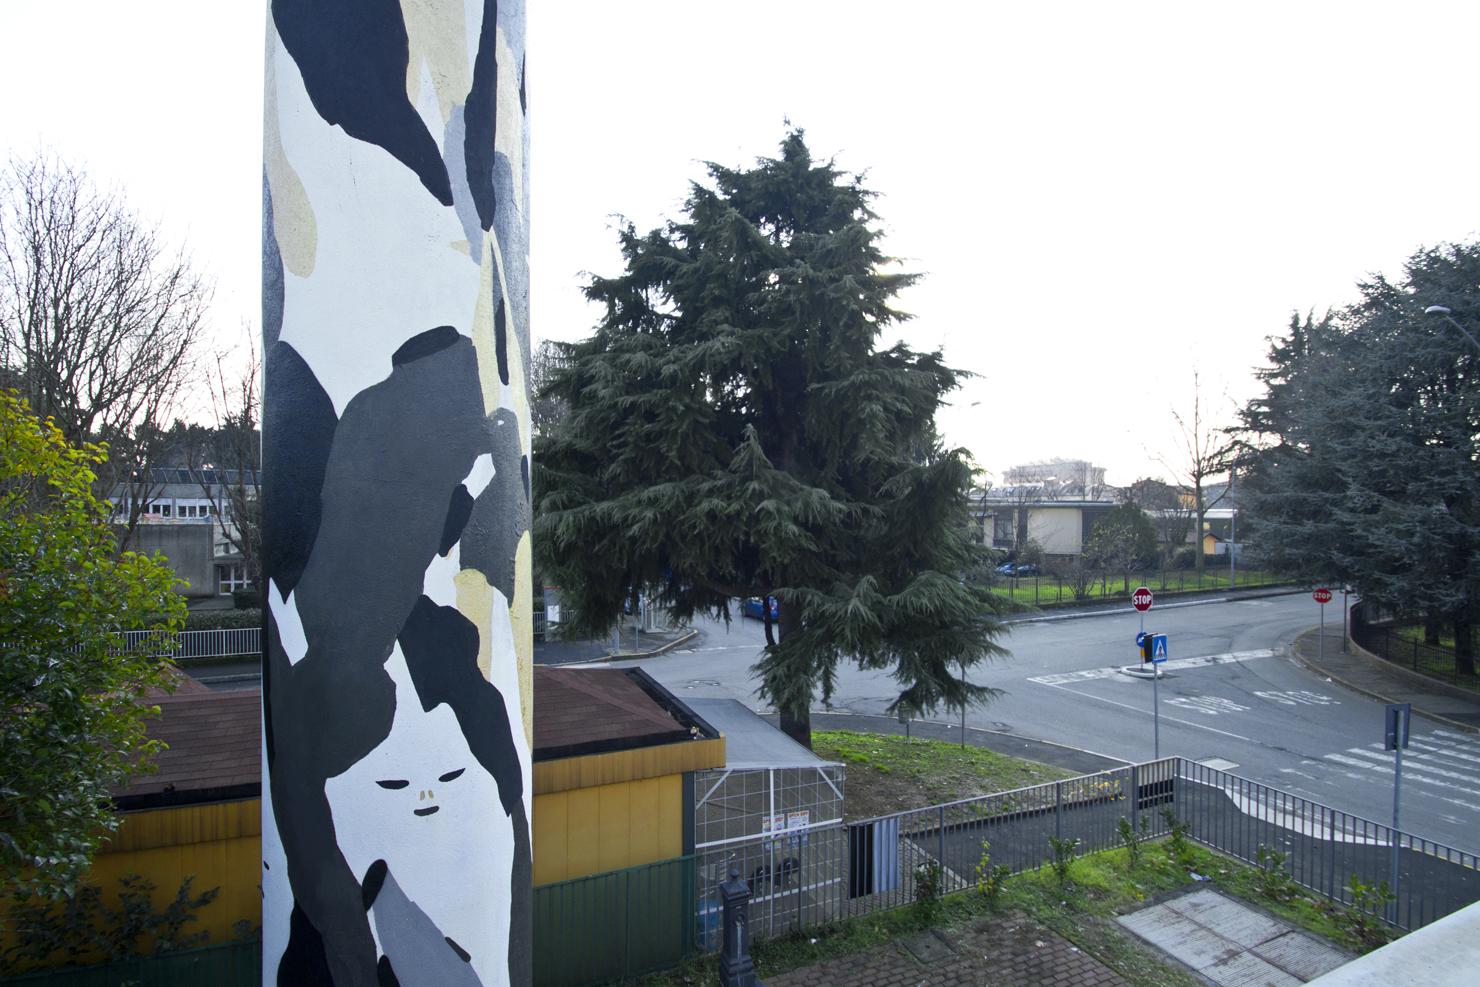 giorgio-bartocci-new-mural-in-monza-15